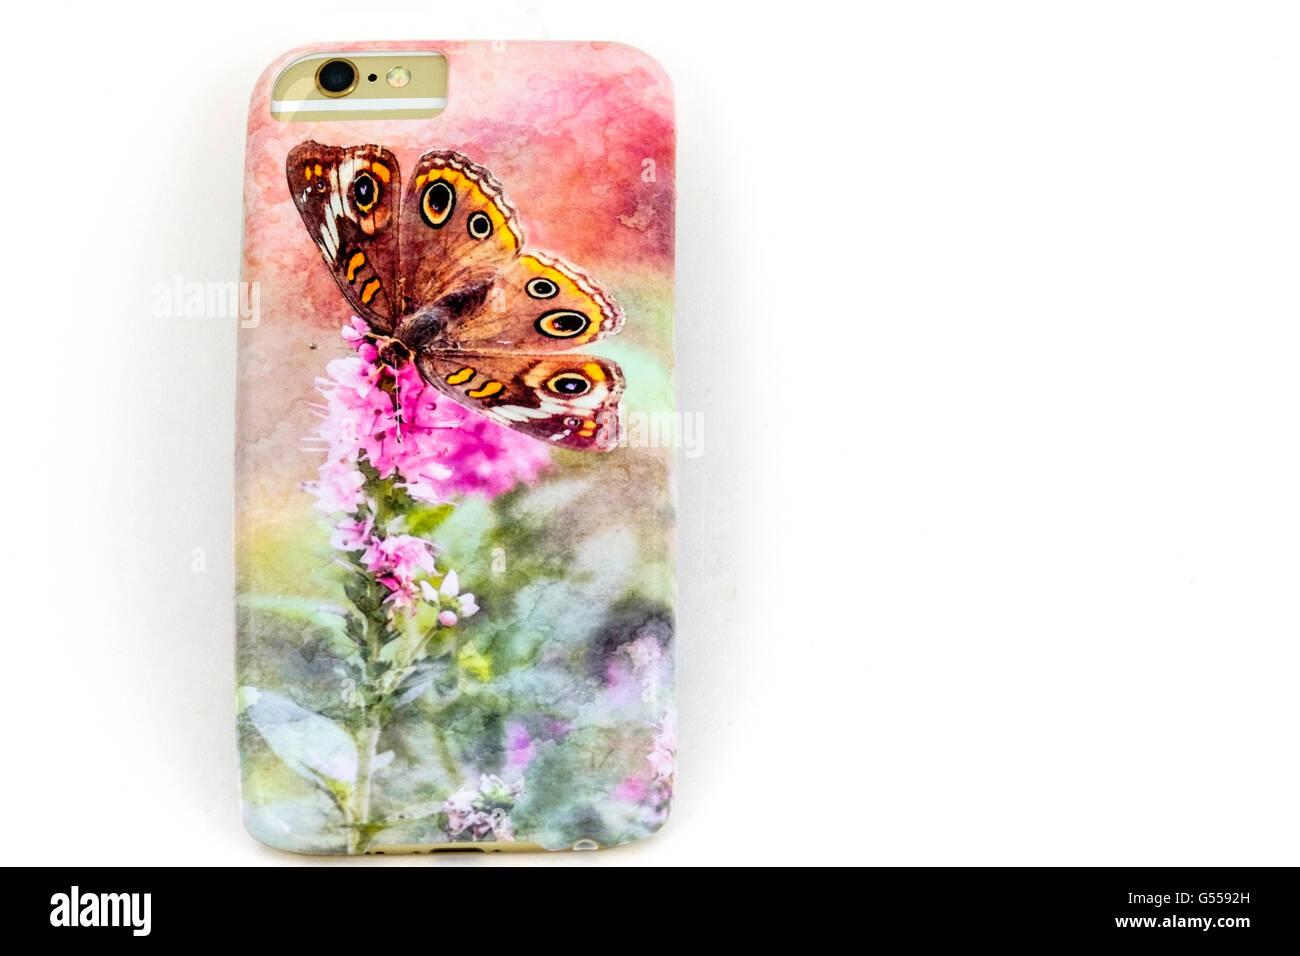 Un propietario diseñado artístico funda de teléfono personalizado para el iPhone 6s. Ee.Uu.. Recorte. Imagen De Stock